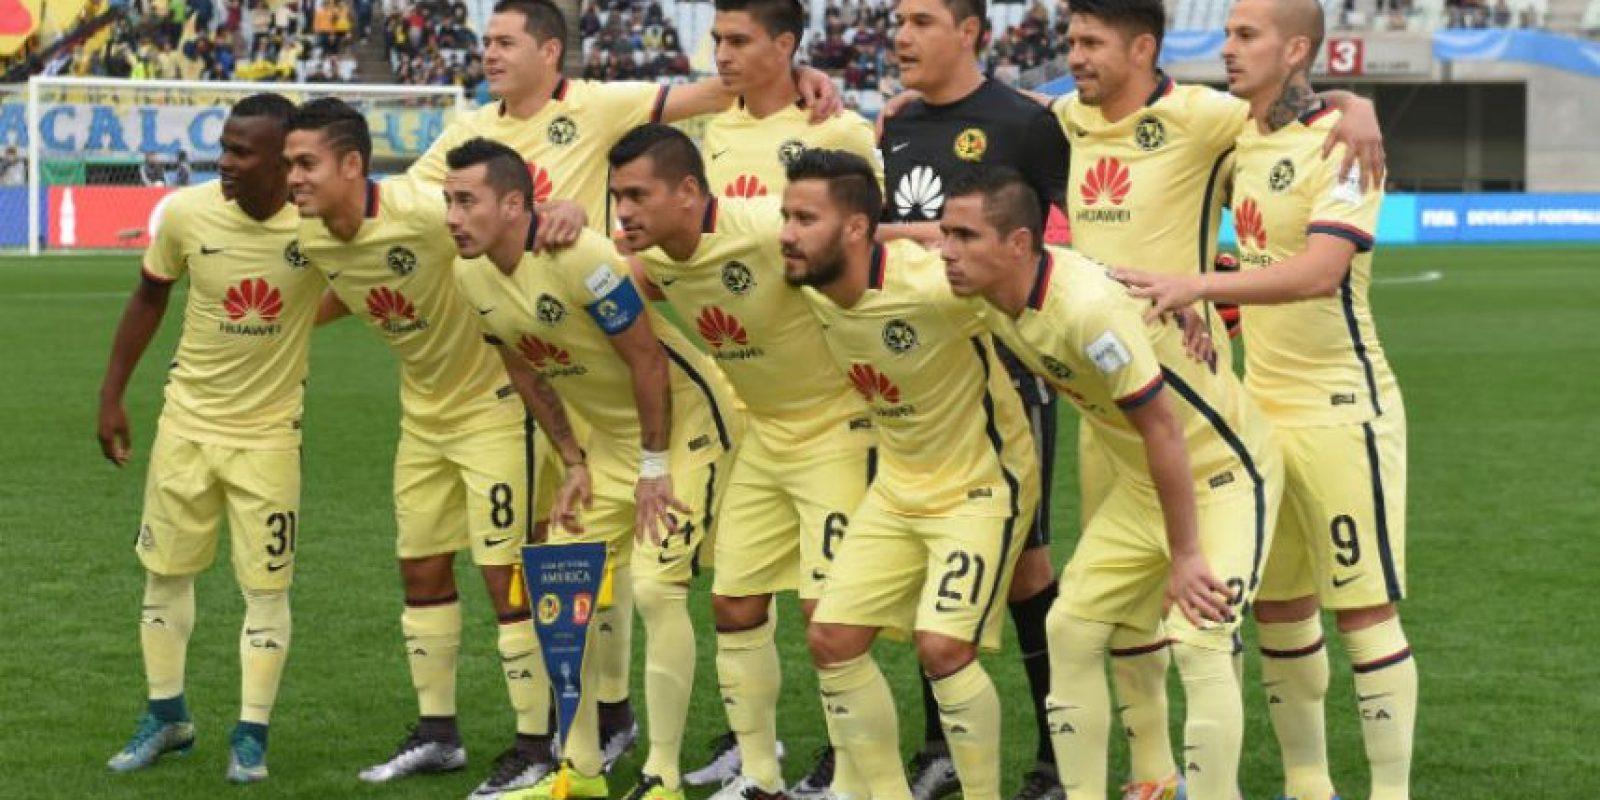 """Las """"Águilas"""" pensaban enfrentar al Barcelona en las semifinales del Mundial de Clubes, pero cayeron en cuartos con el Guangzhou Evergrande, de China Foto:Getty Images"""